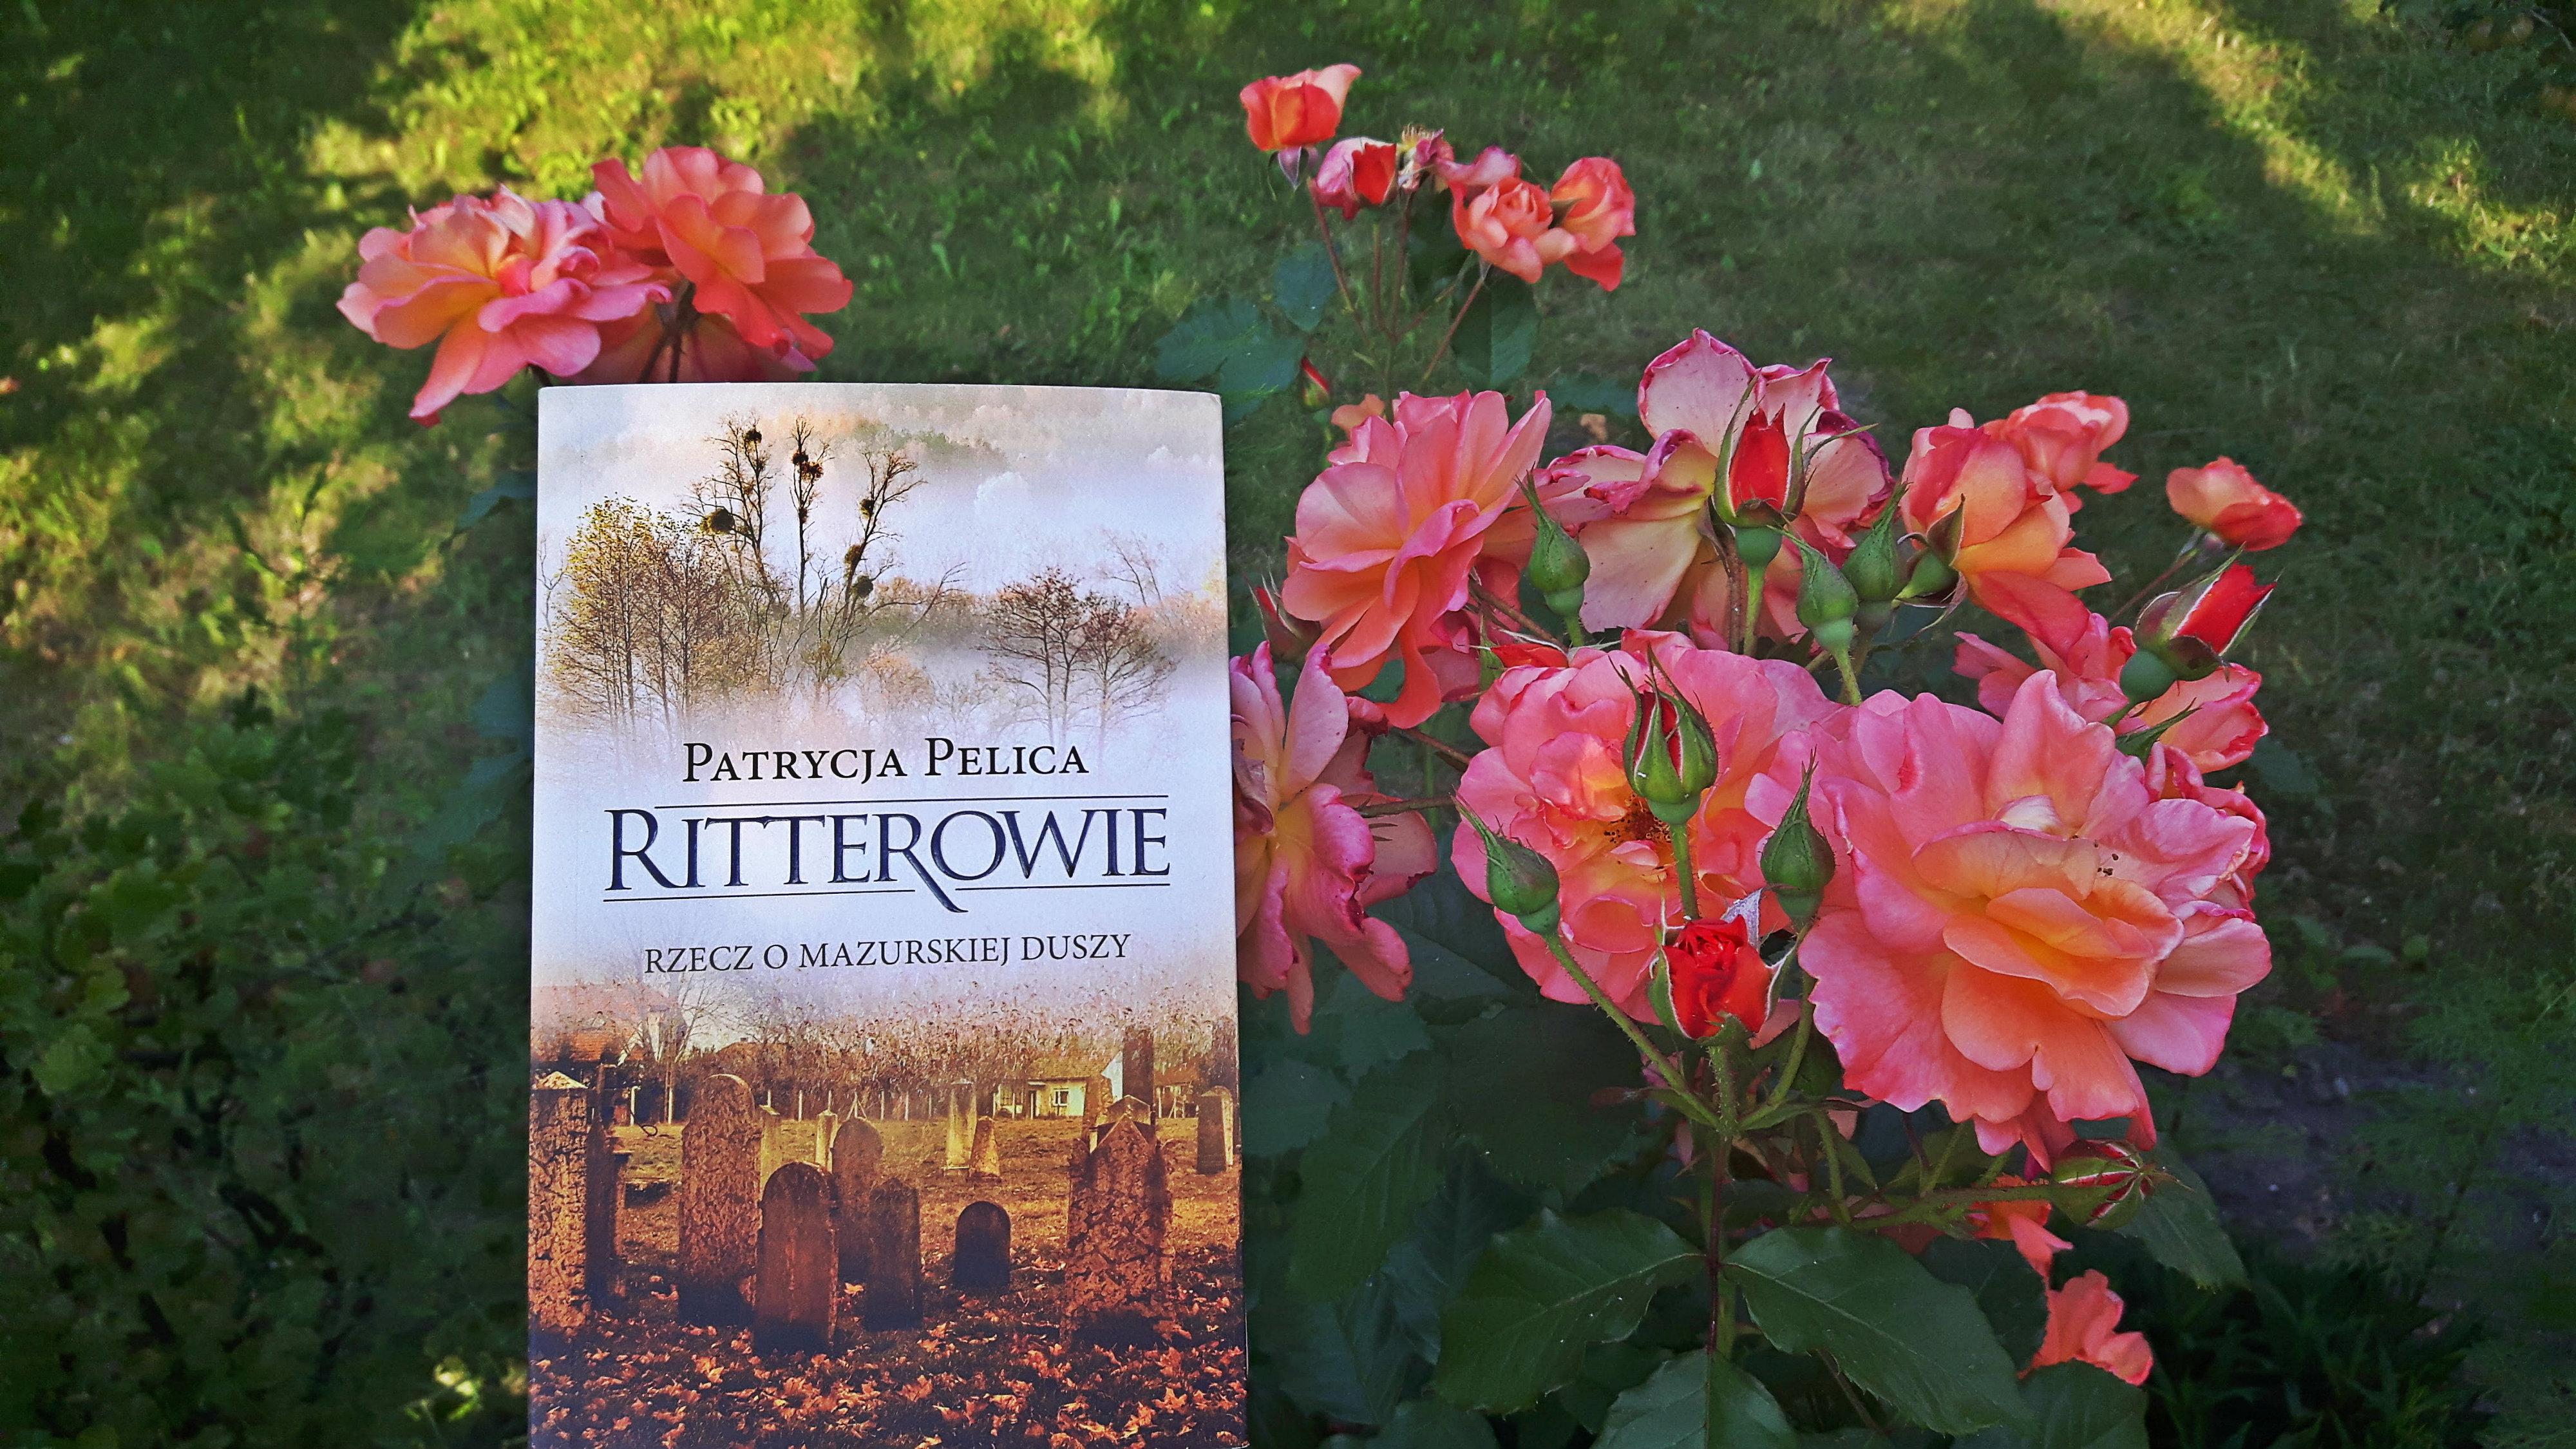 Patrycja Pelica - Ritterowie